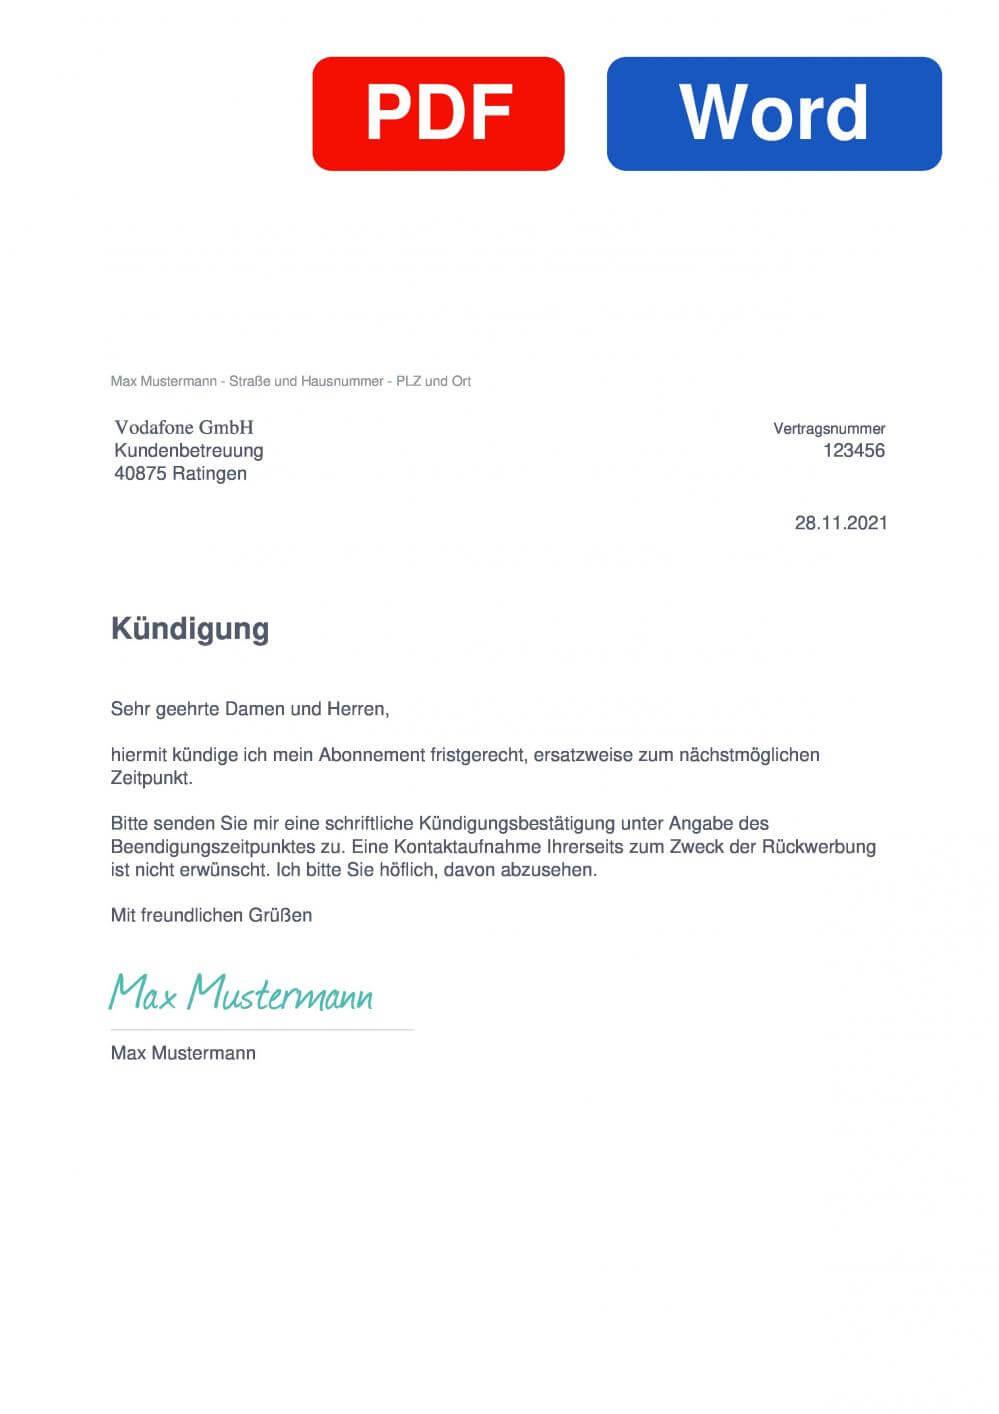 Vodafone Sicherheitspaket Muster Vorlage für Kündigungsschreiben